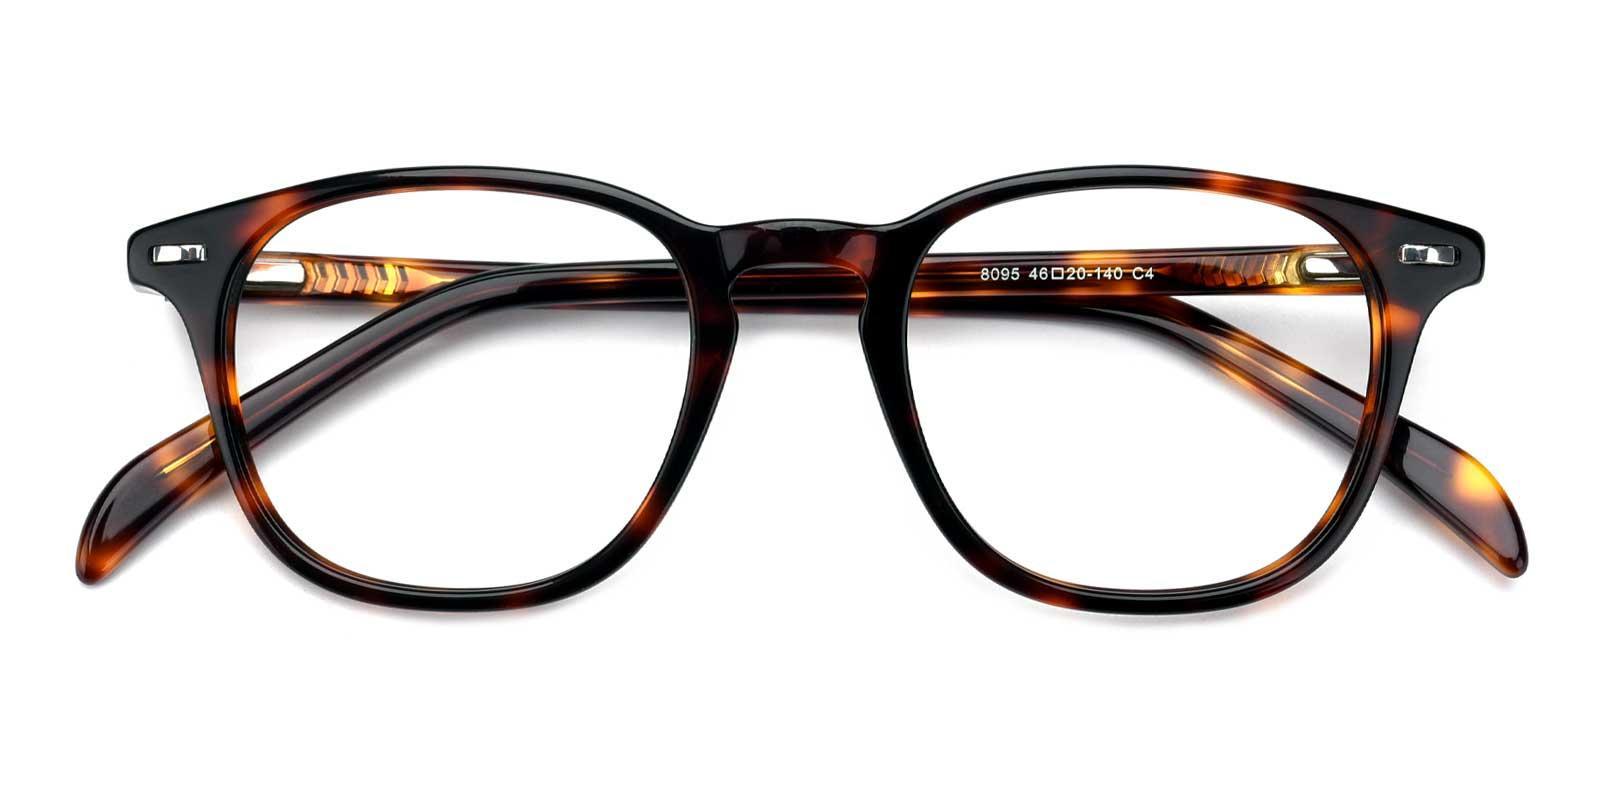 Bamboo-Tortoise-Rectangle-TR-Eyeglasses-detail